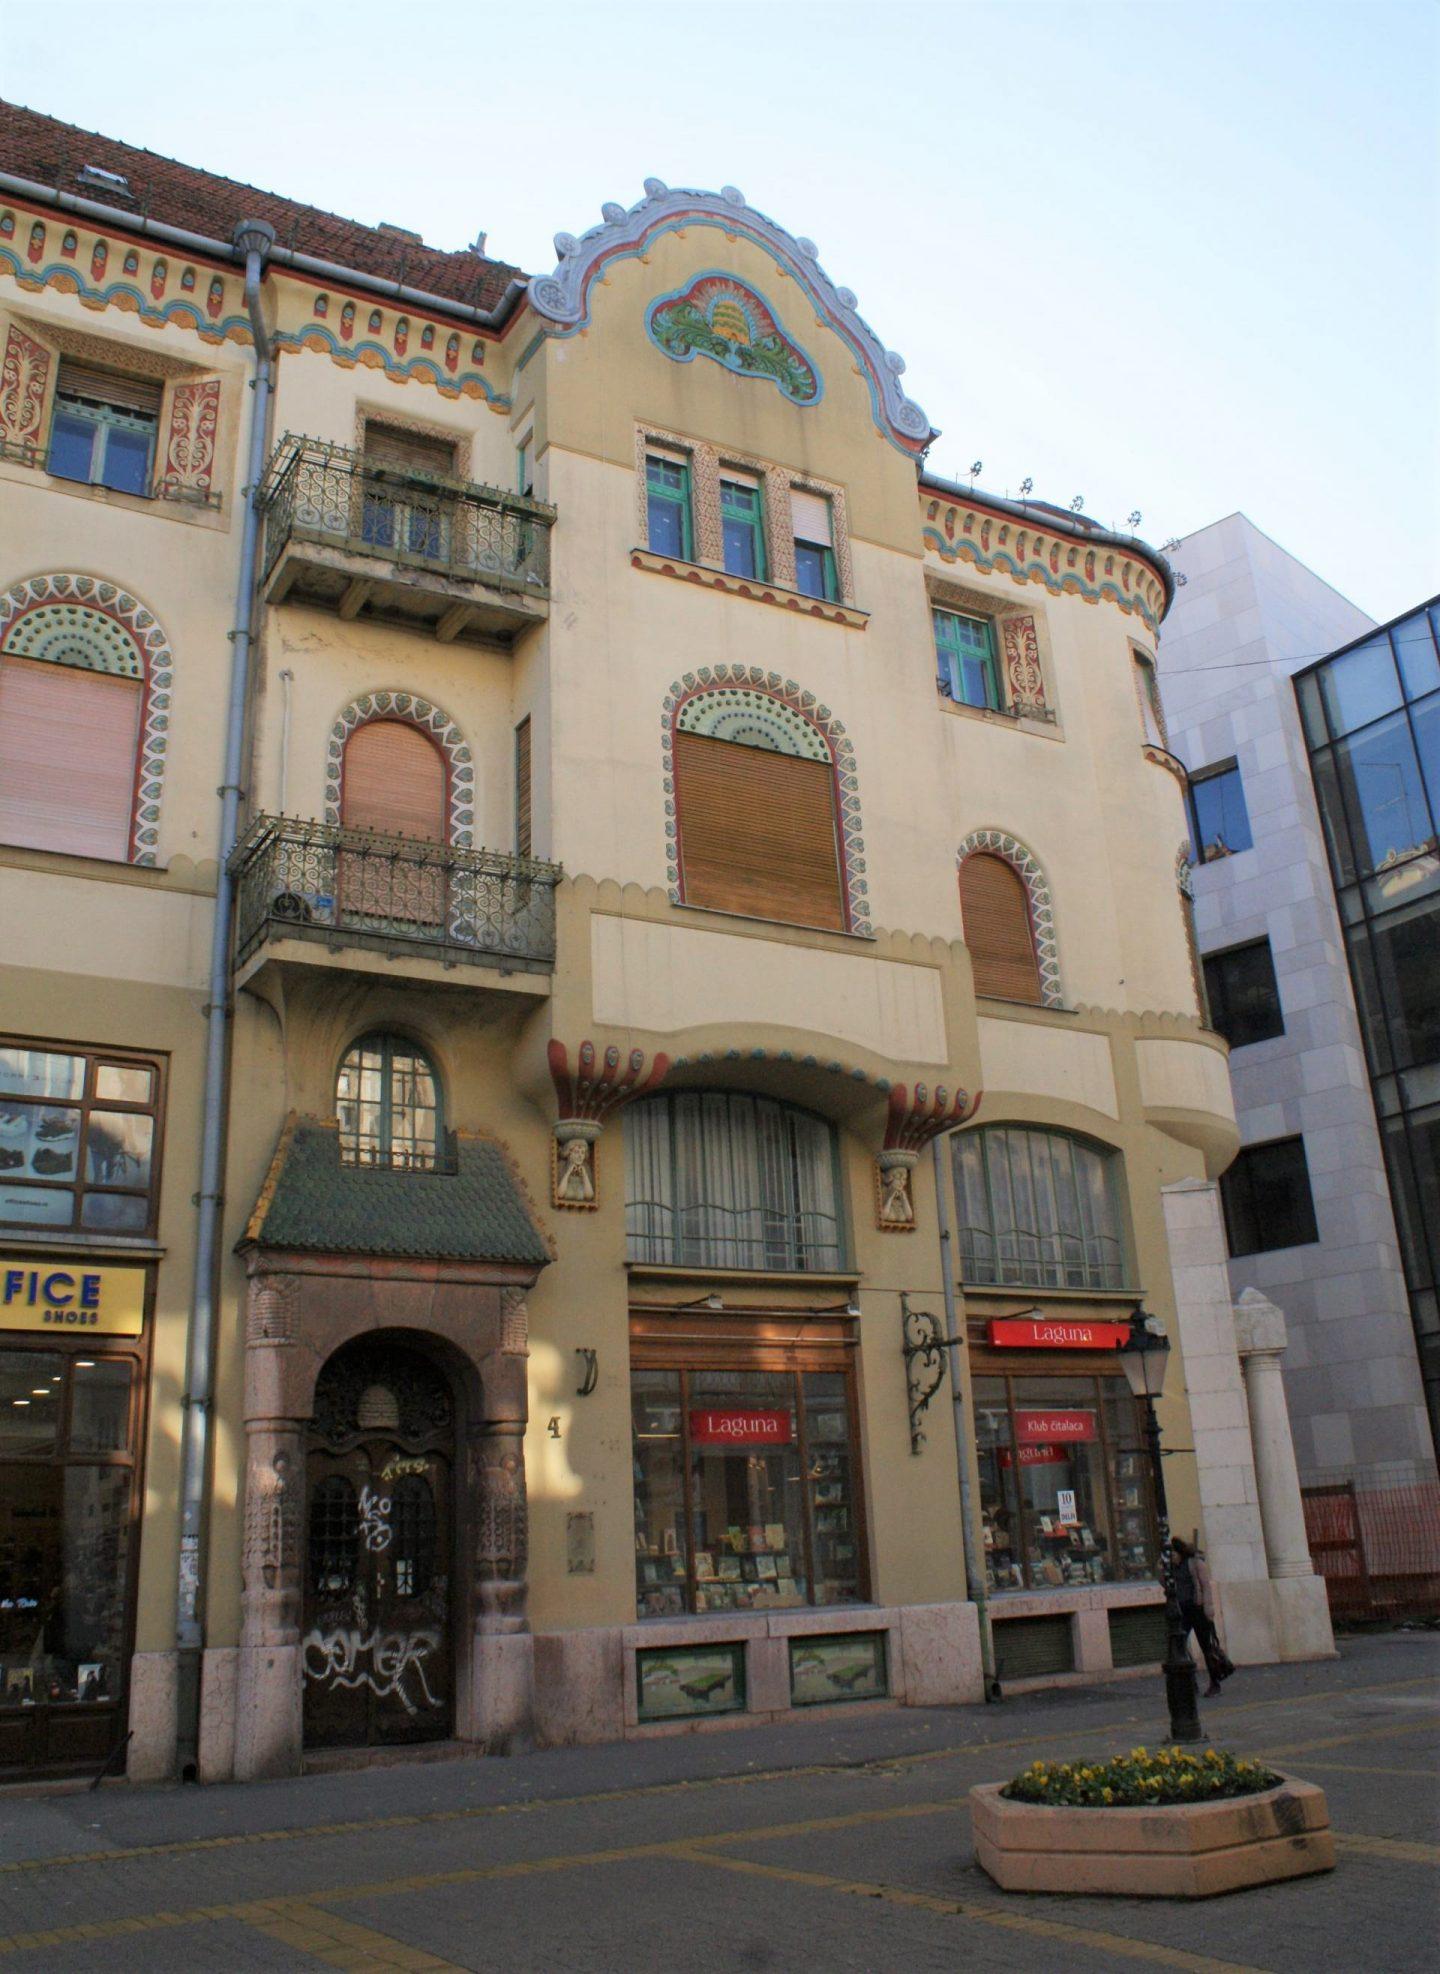 Zgrada nekadašnje štedionice u Subotici © According to Kristina